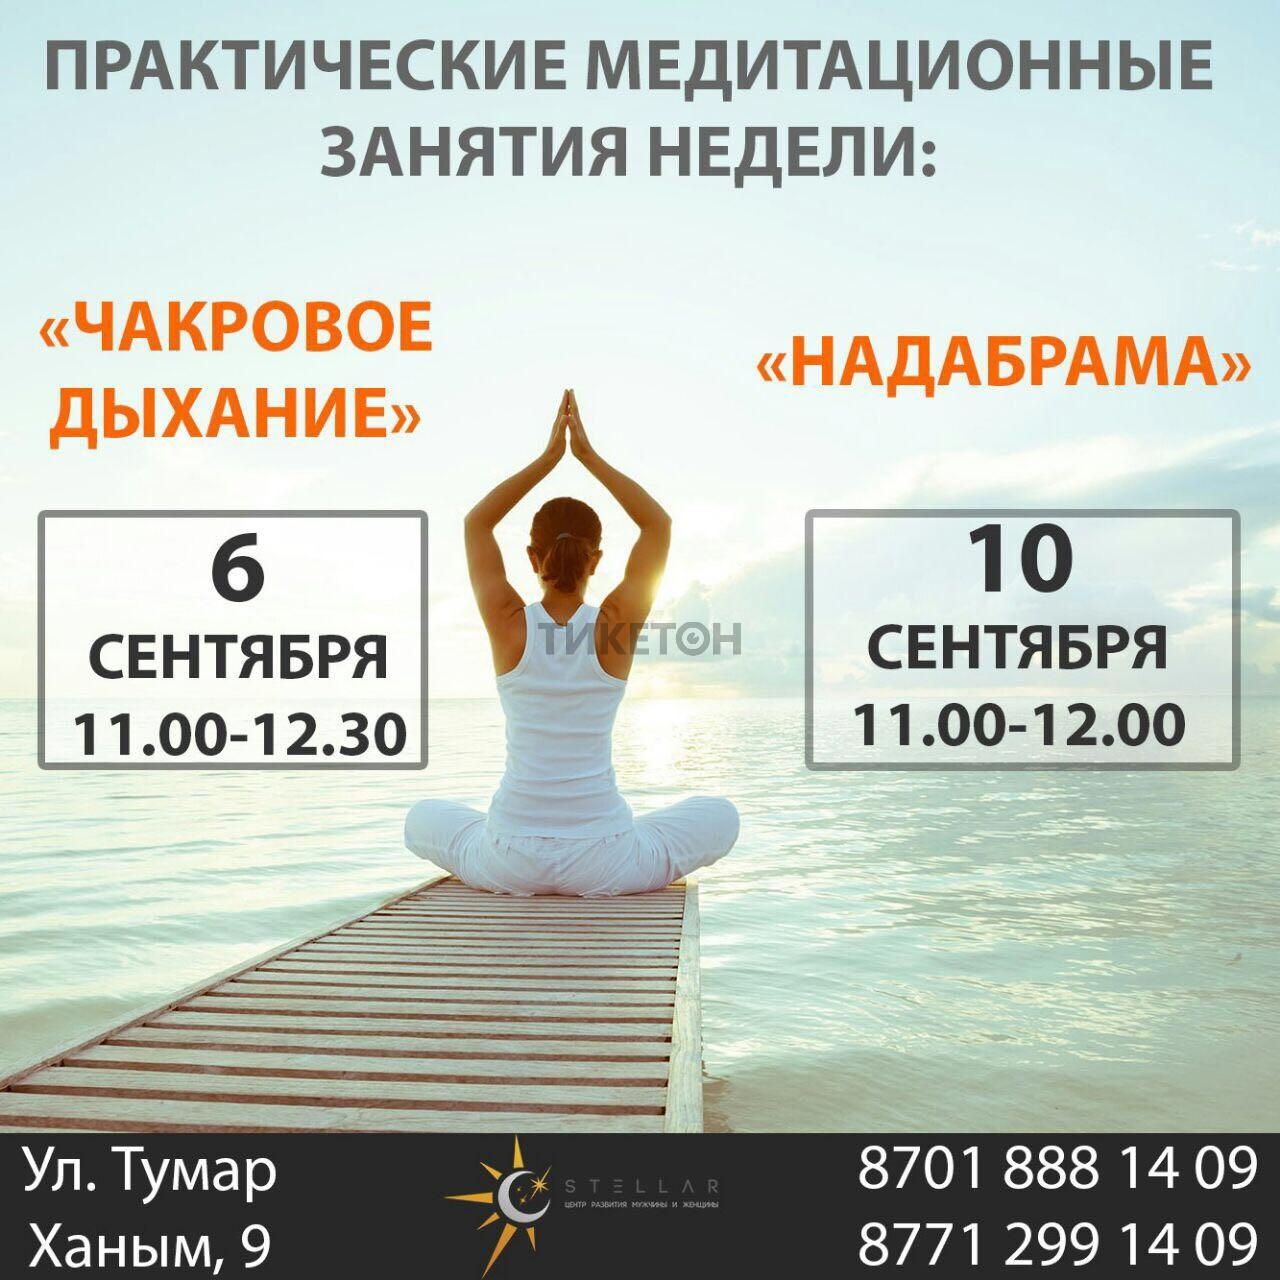 Медитационные  занятия